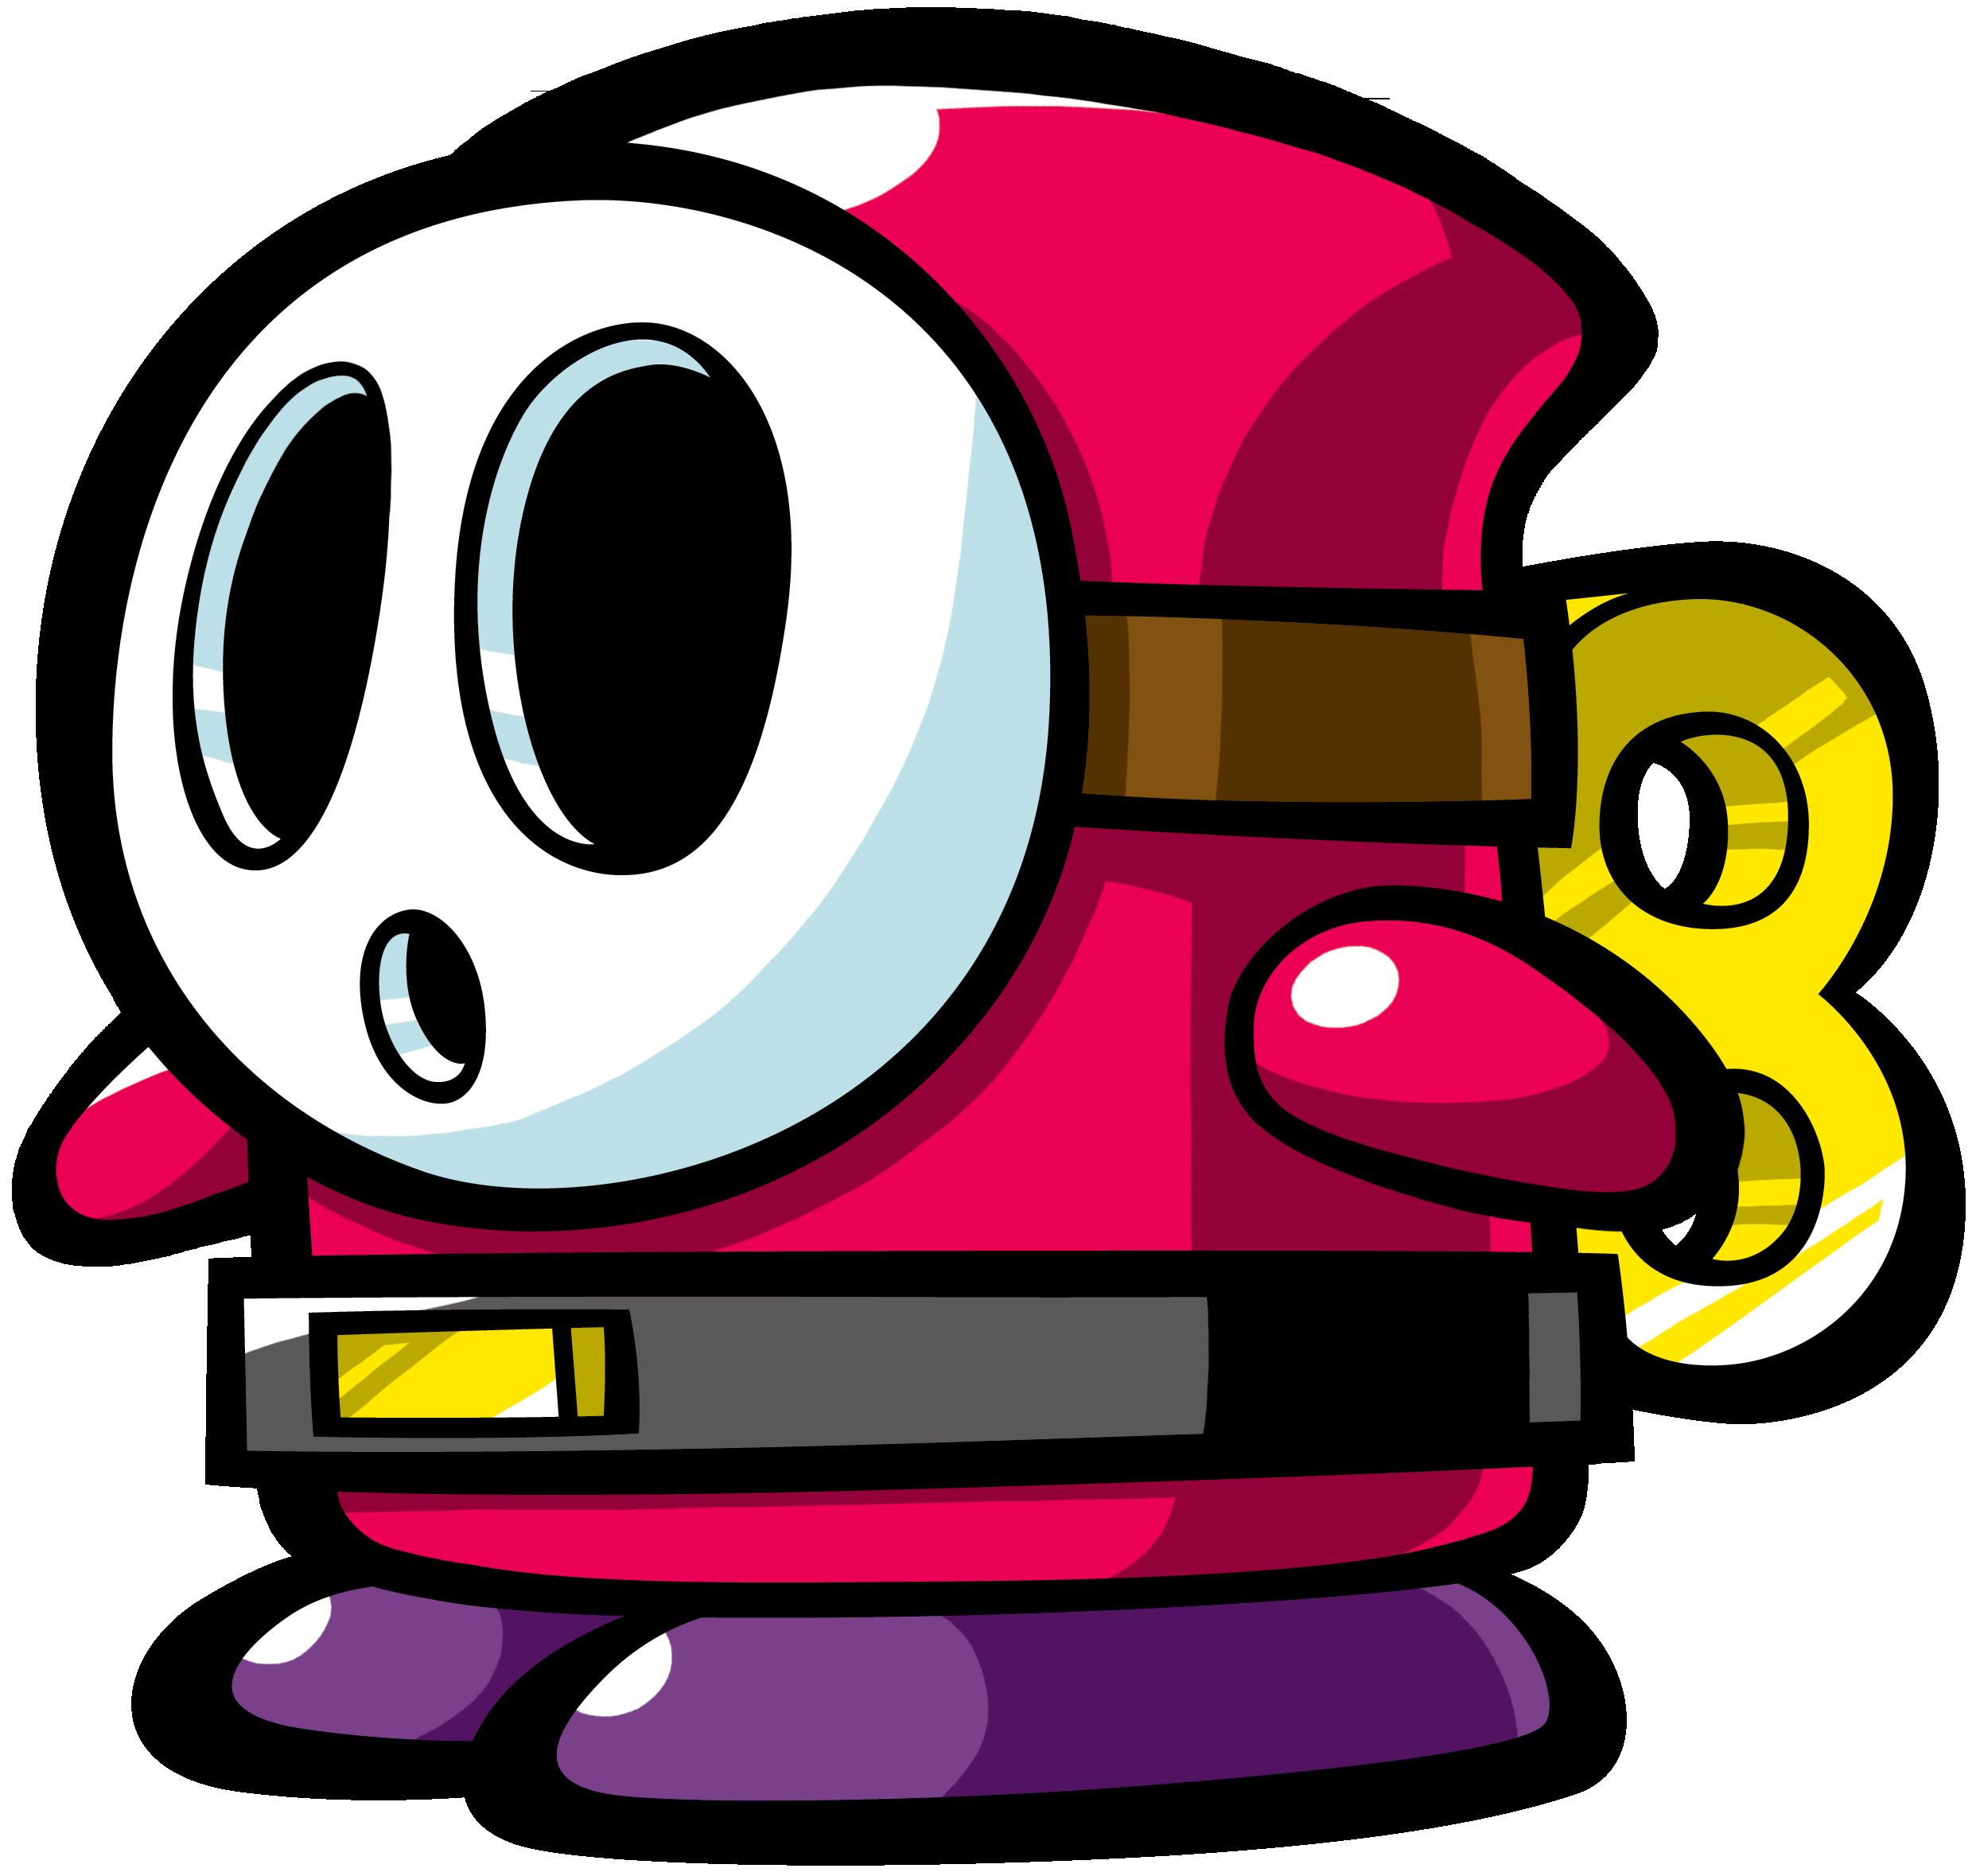 Mario Shy Guy Chico Timido Logotipos De Superheroes Mario Bros